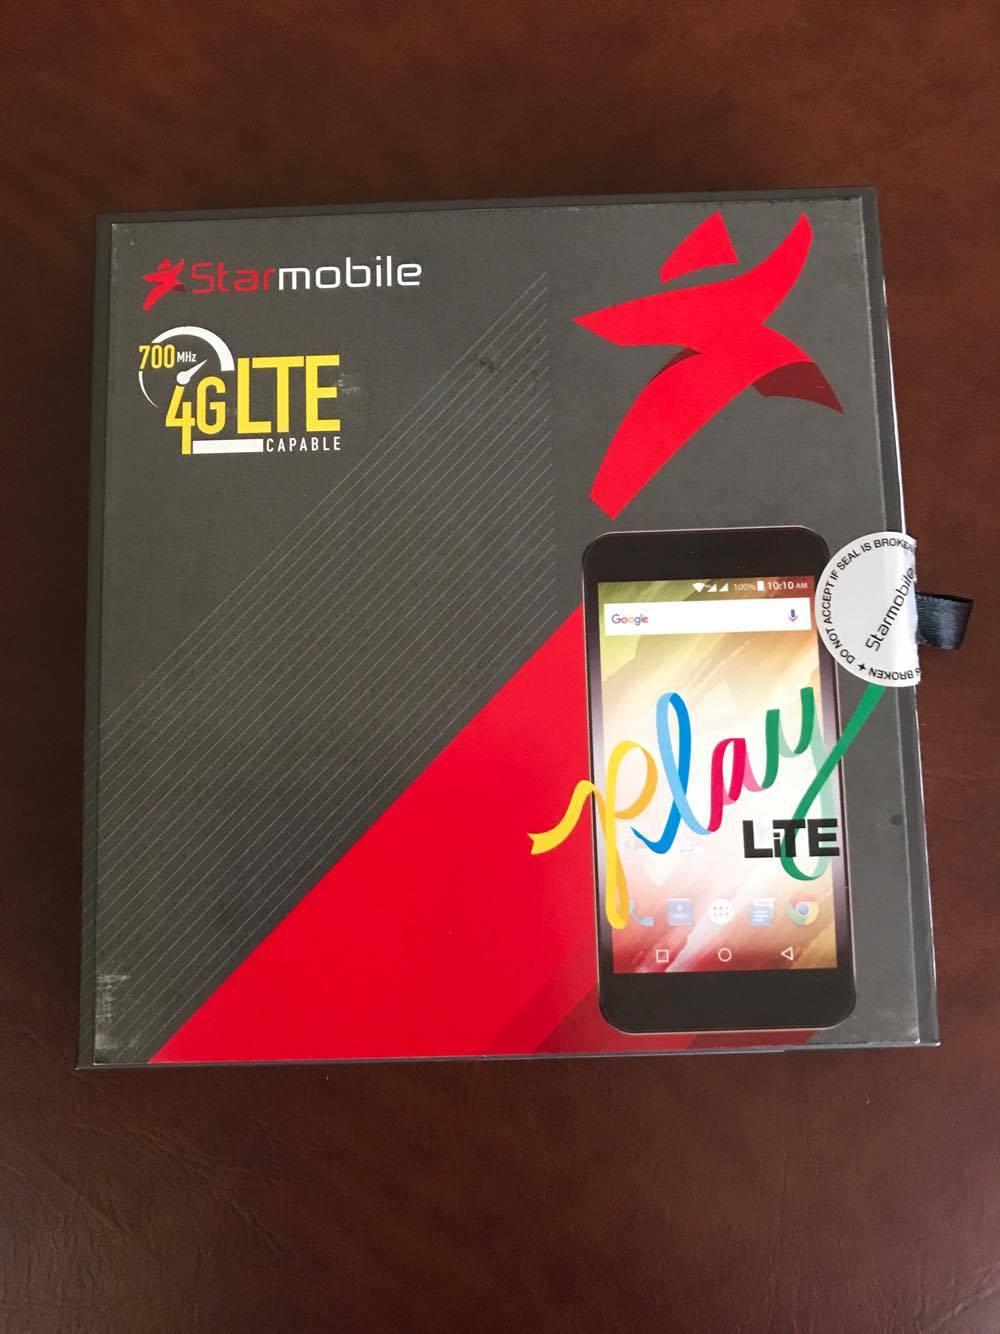 Starmobile Play LiTE mobile phone